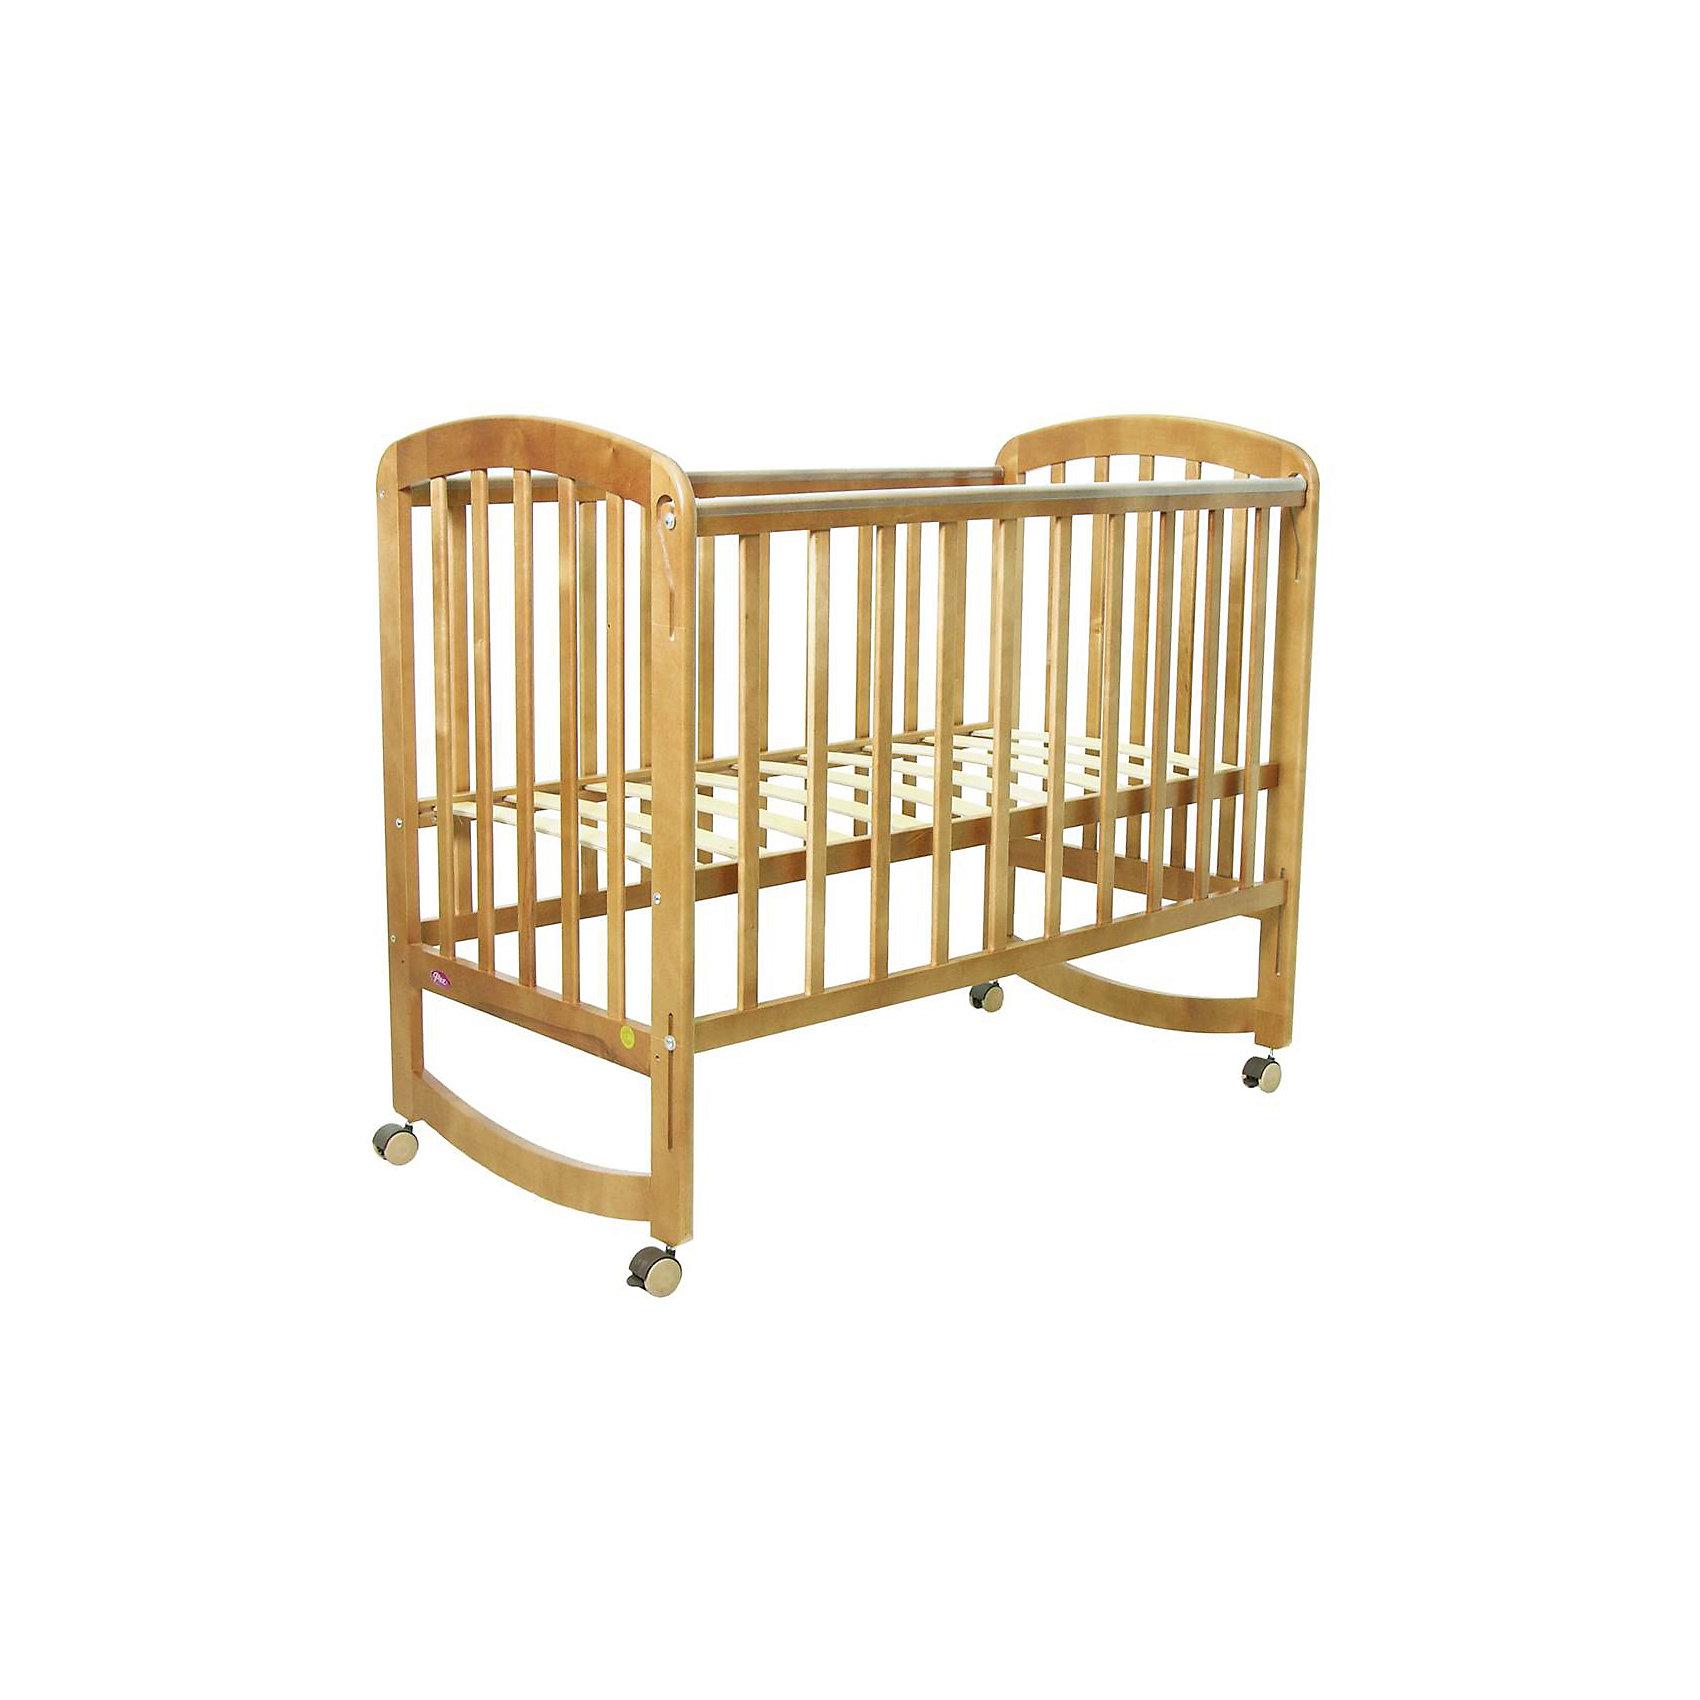 Кроватка 304, ФеяКроватки<br>Кроватка Фея подарит малышам комфортный отдых и сладкий сон с первых дней жизни. Кроватка изготовлена из высококачественных экологичных, безопасных для детей материалов, она вместительная и прочная, поэтому прослужит вам и вашему малышу очень долго. Реечное дно модели регулируется в двух положениях - когда ваш кроха подрастет, опустите ложе и не беспокойтесь о том, что юный непоседа сможет самостоятельно выбраться из своего гнездышка.  Благодаря специальному механизму, боковая стенка кровати быстро и легко опускается даже одной рукой. Кровать имеет колесики, с помощью которых ее удобно перемещать по комнате, при желании колеса можно снять, преобразовав кровать в качалку. <br><br>Дополнительная информация:<br><br>- Материал: дерево (массив березы).<br>- Размеры: 124,5х67,5х105 см.<br>- Для матраса размером: 120x60 см.<br>- Ложе регулируется в 2-х положениях.<br>- Передняя стенка опускается. <br>- Дно: реечное.<br>- Стенки: реечные. <br>- Съемные колеса.<br>- Качалка. <br>- Накладки из ПВХ. <br><br>Кроватку 304, Фея, можно купить в нашем магазине.<br><br>Ширина мм: 1005<br>Глубина мм: 1248<br>Высота мм: 675<br>Вес г: 17700<br>Возраст от месяцев: 0<br>Возраст до месяцев: 36<br>Пол: Унисекс<br>Возраст: Детский<br>SKU: 4796972